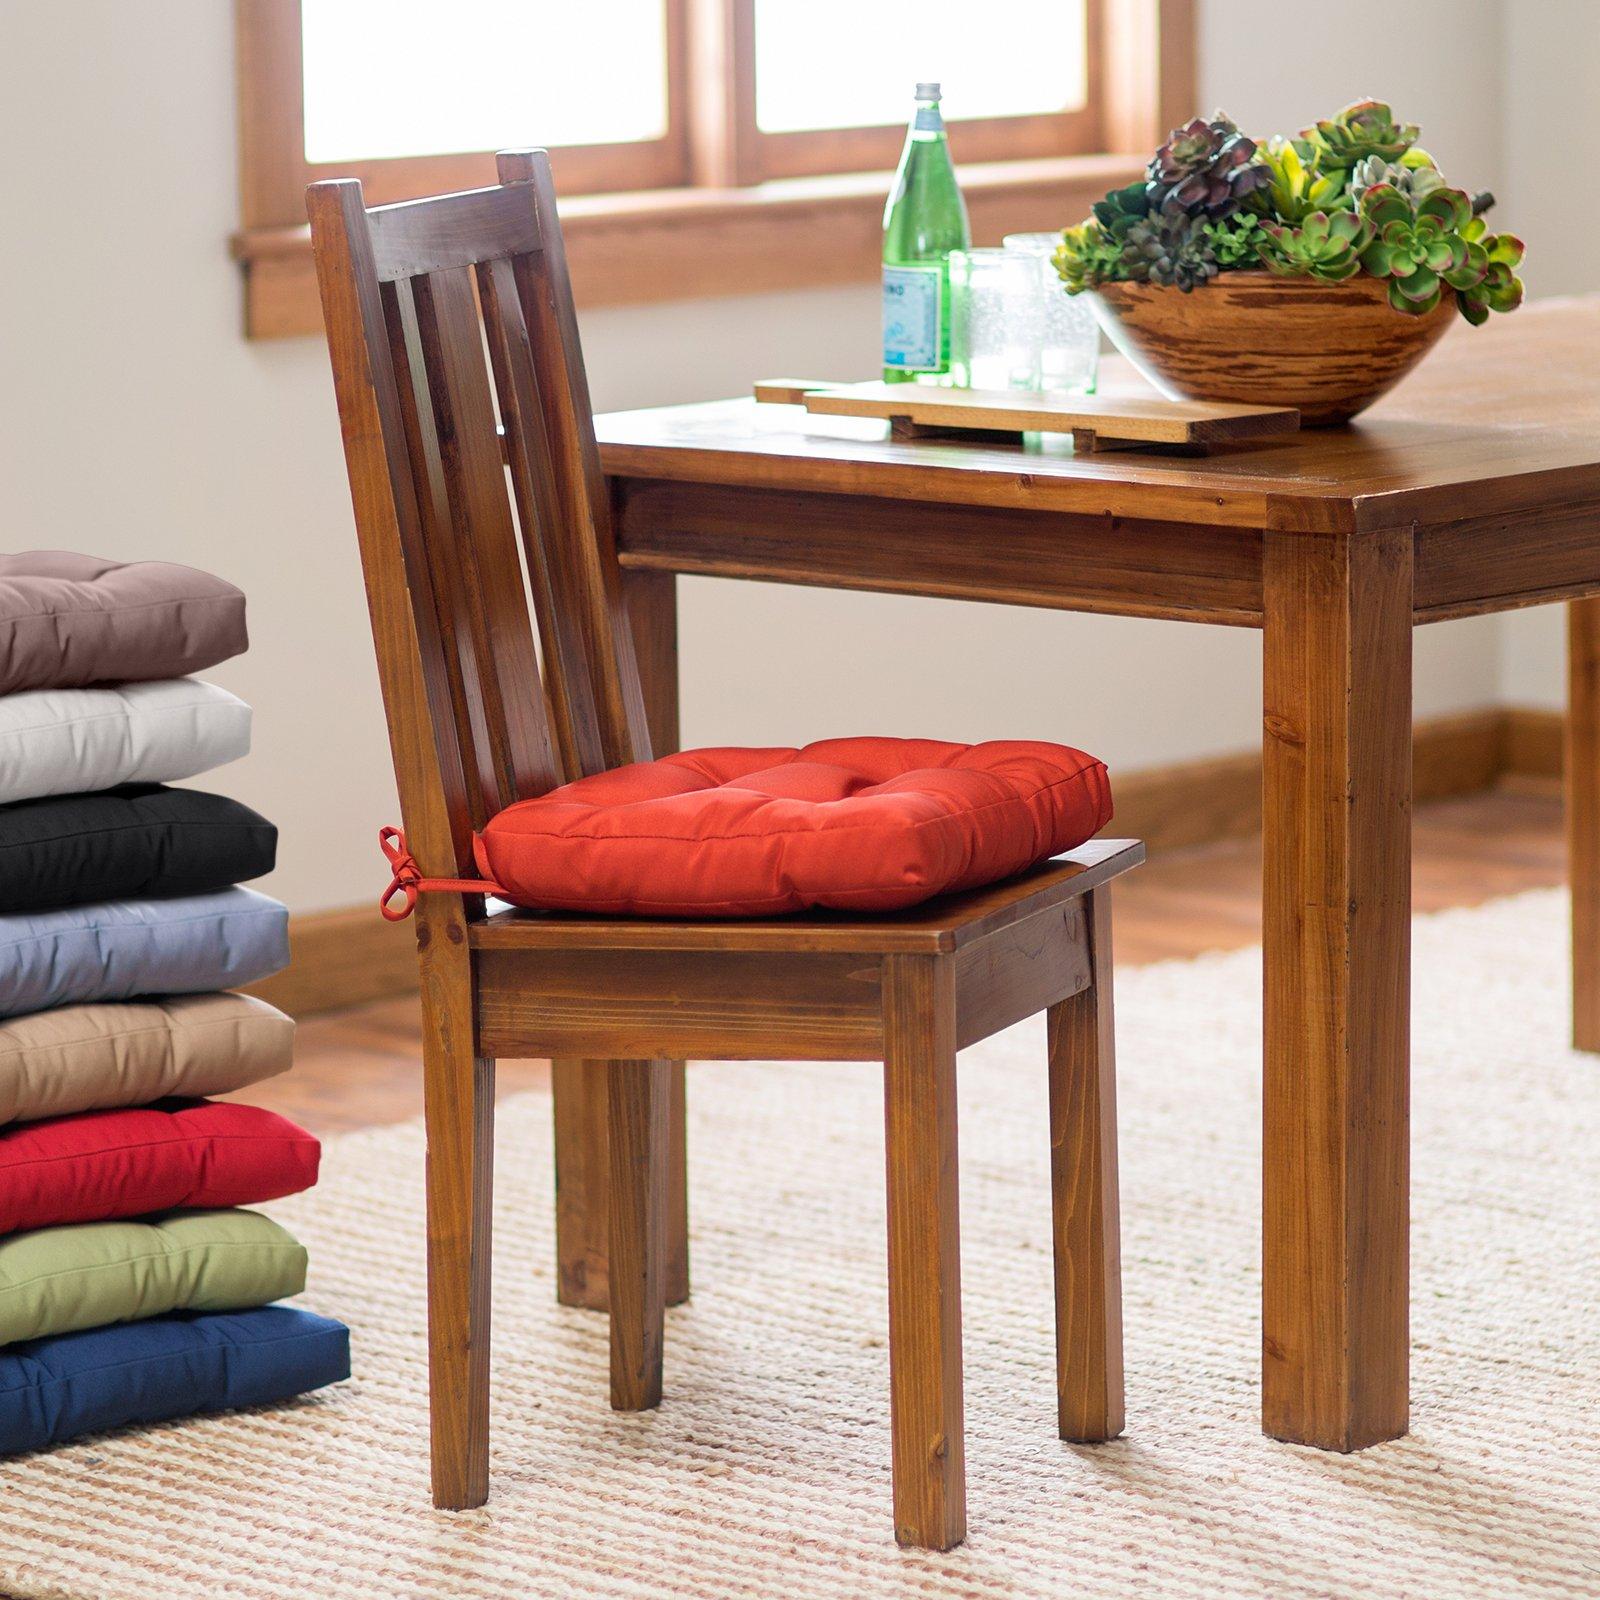 Dining room chair cushion Dining room chair cushion |  Hayneedle MZJOYKD